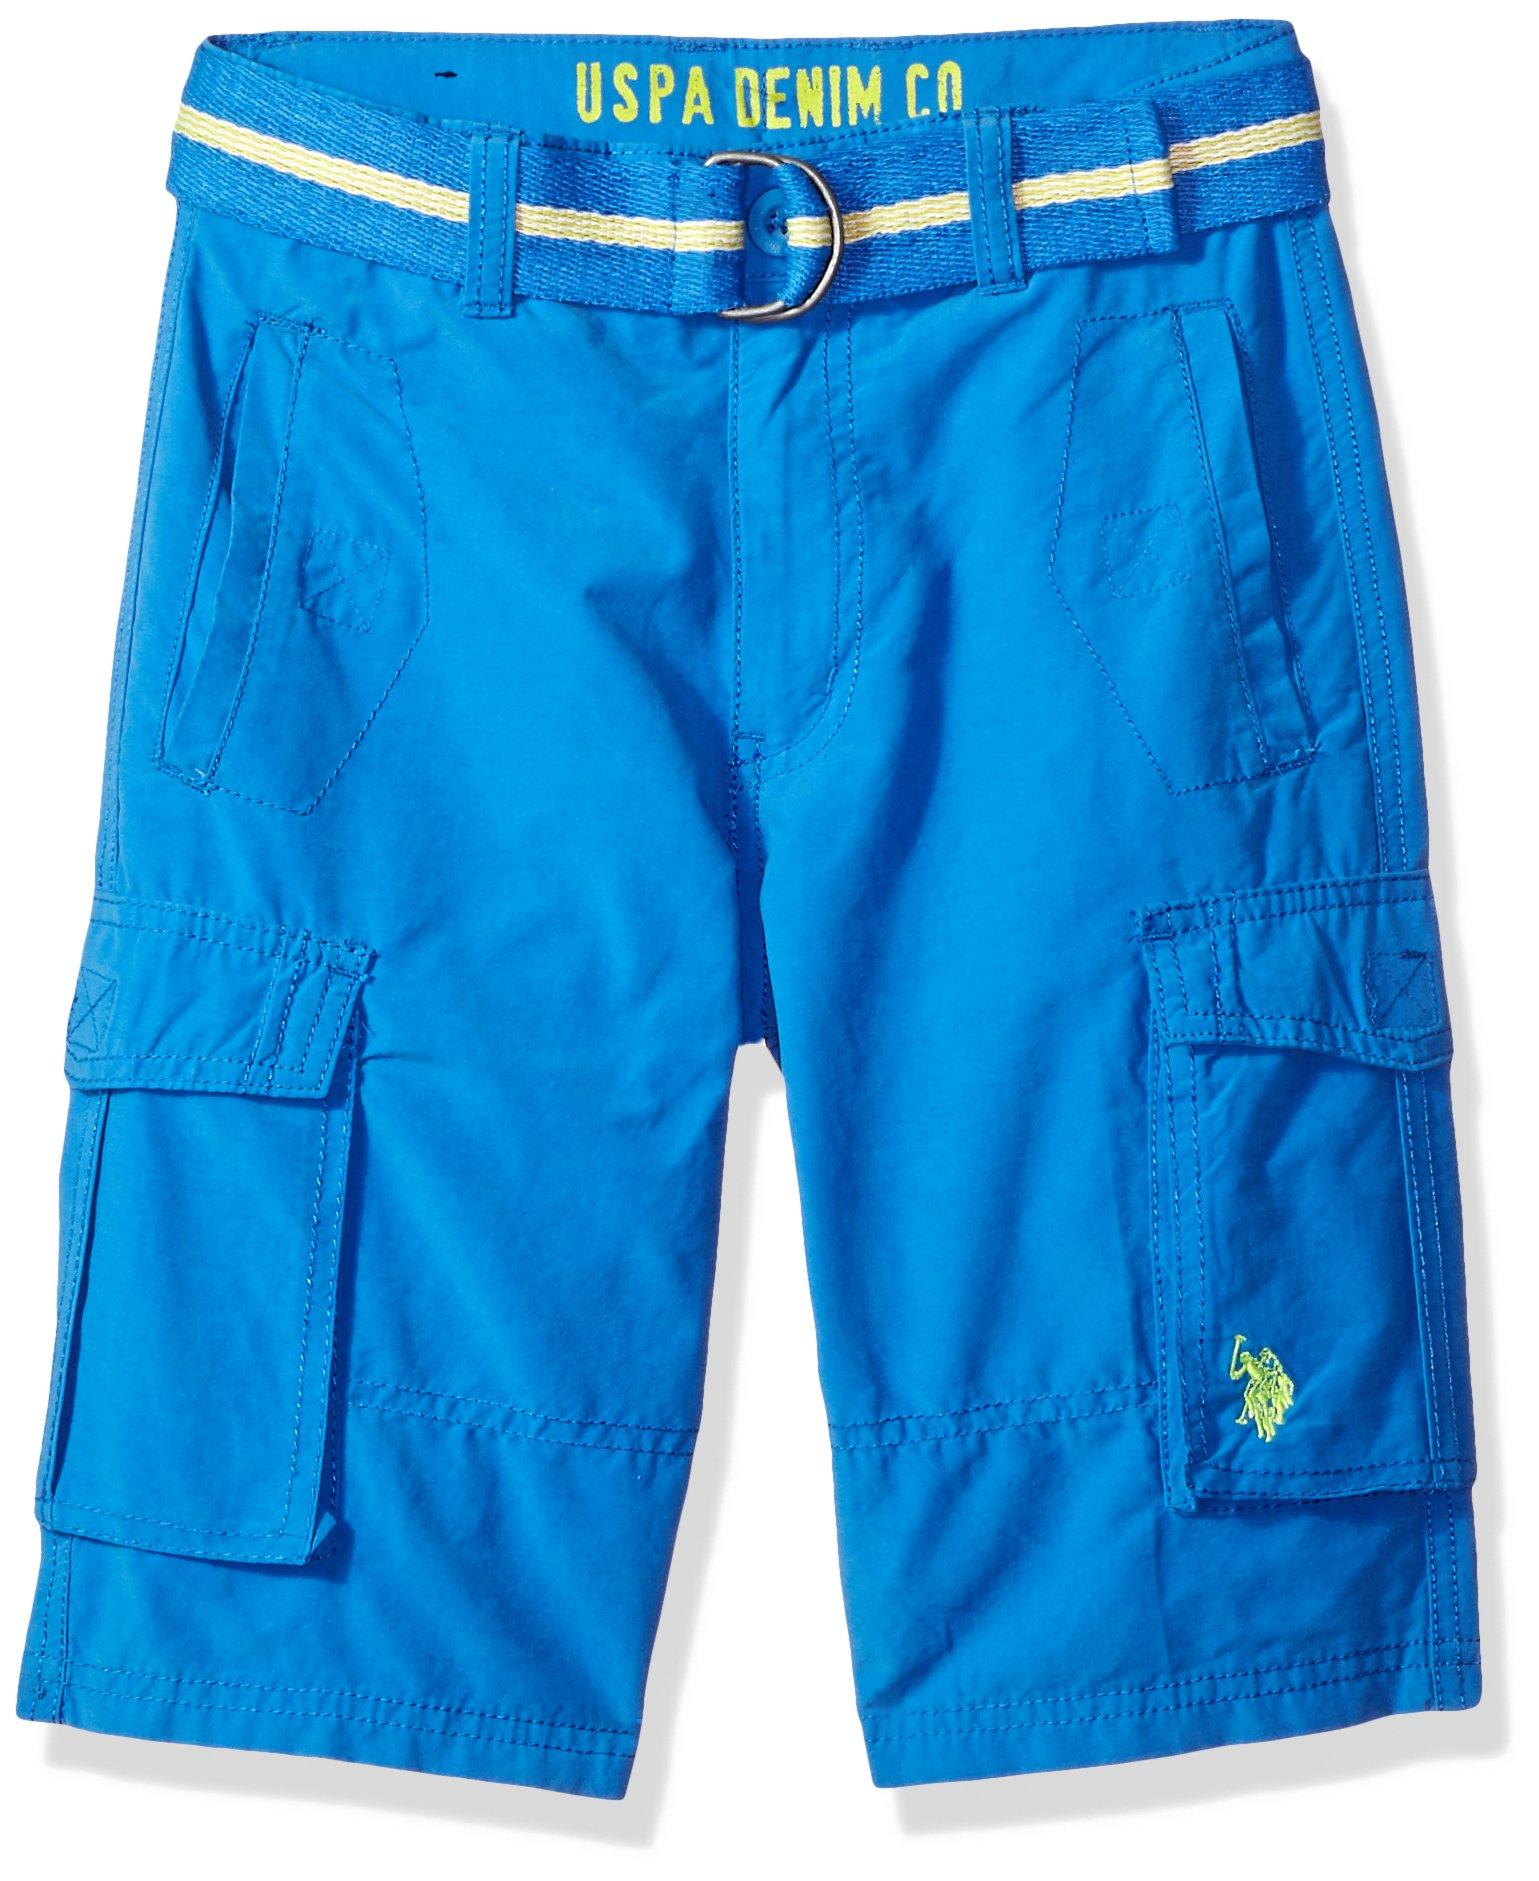 U.S. Polo Assn. Toddler Boys' Short, Belted Cargo Flight Blue, 3T